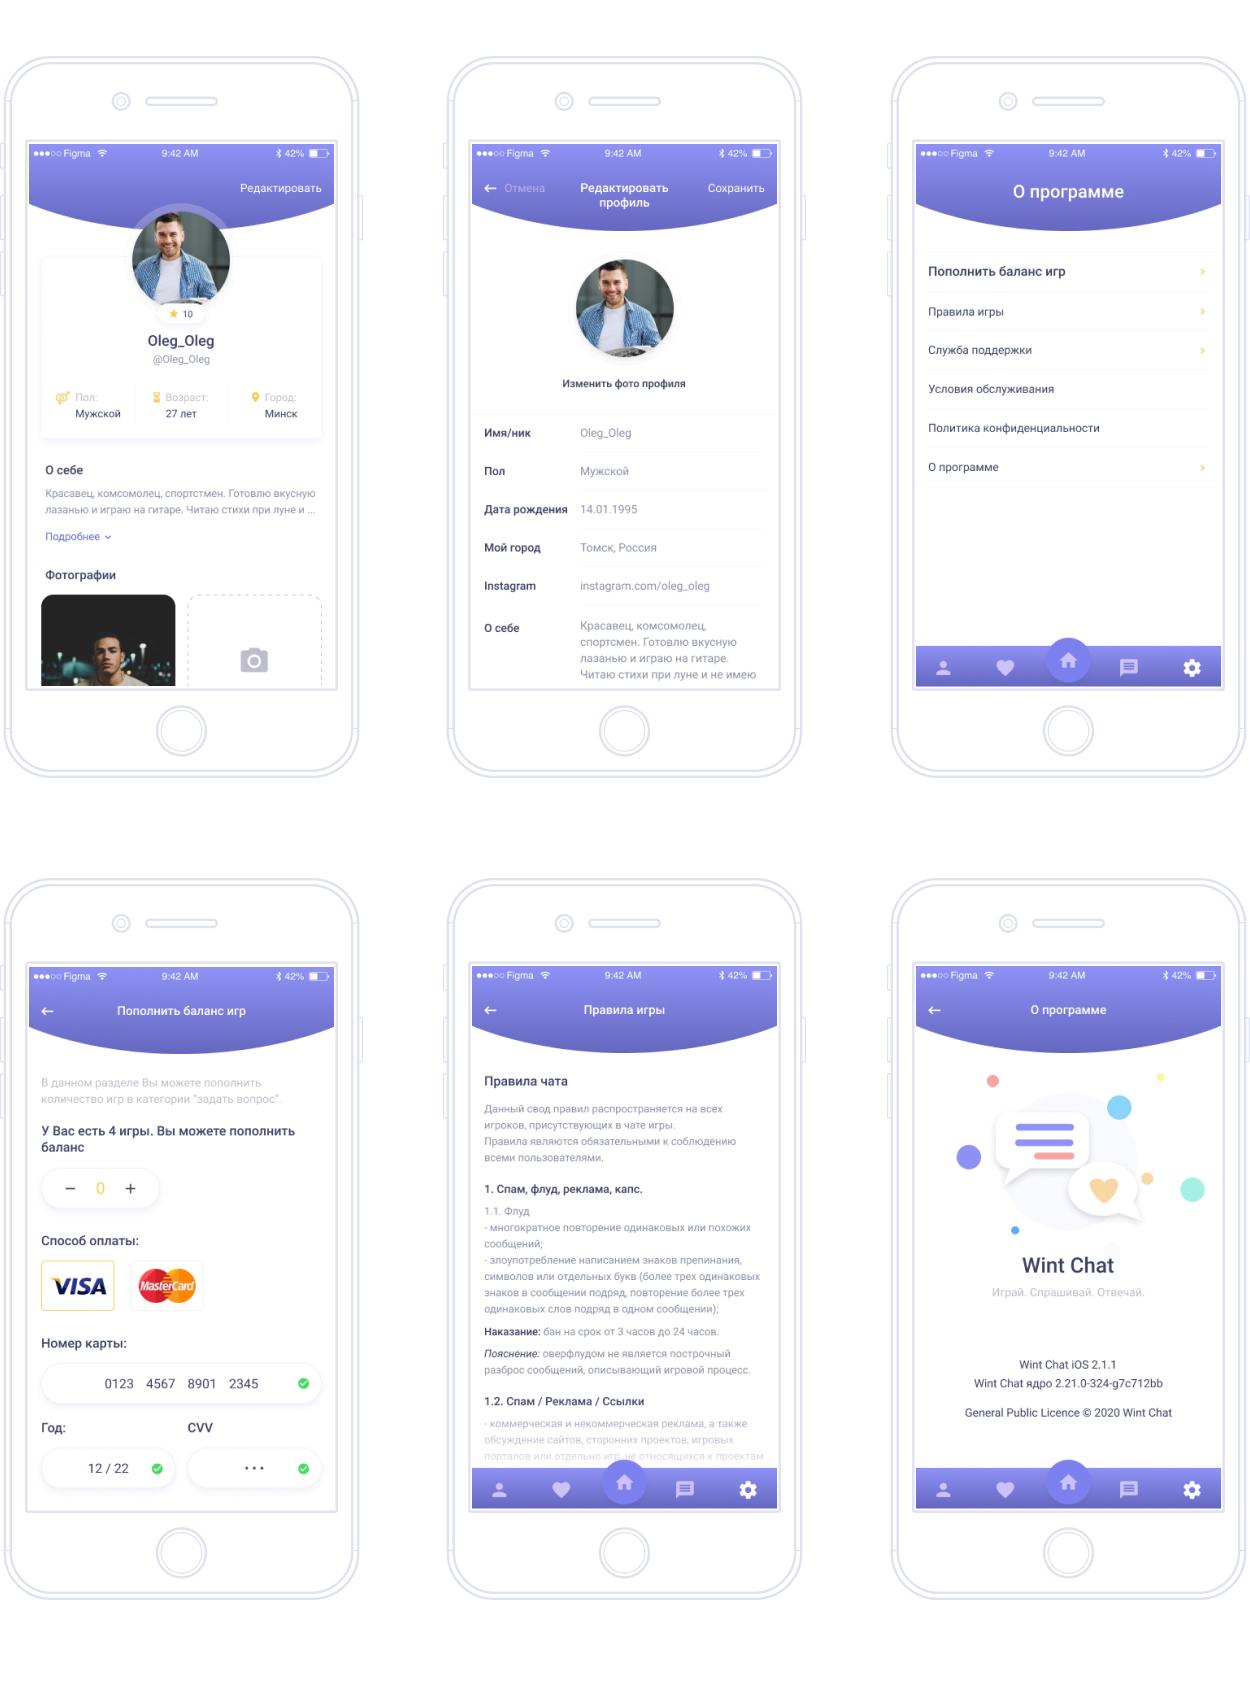 Wint chat UI/UX App